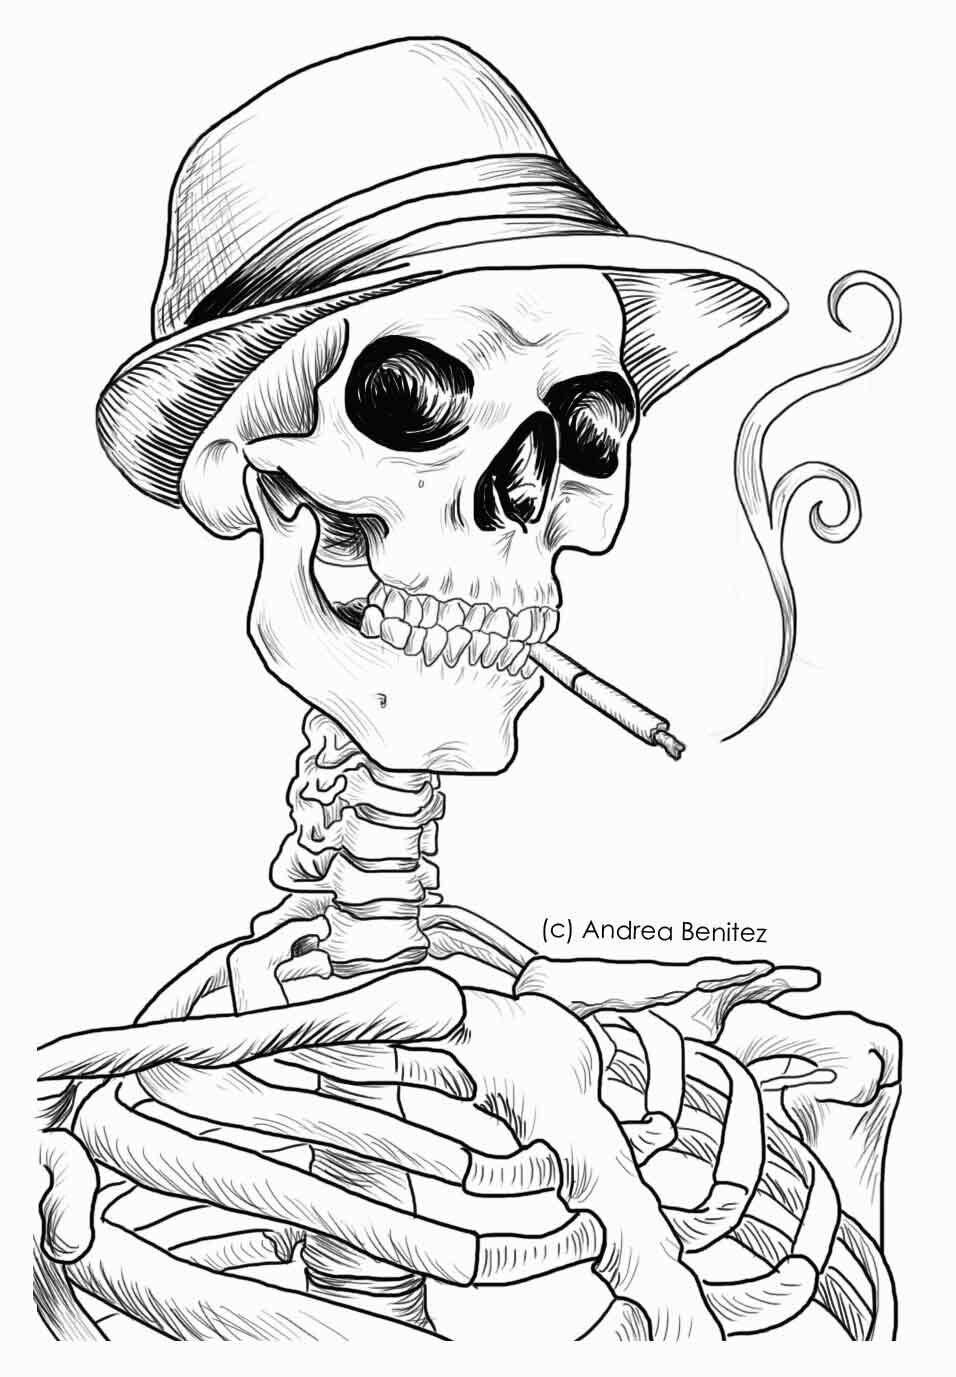 ржаная картинки черепов и скелетов карандашом фотографии стали всемирно